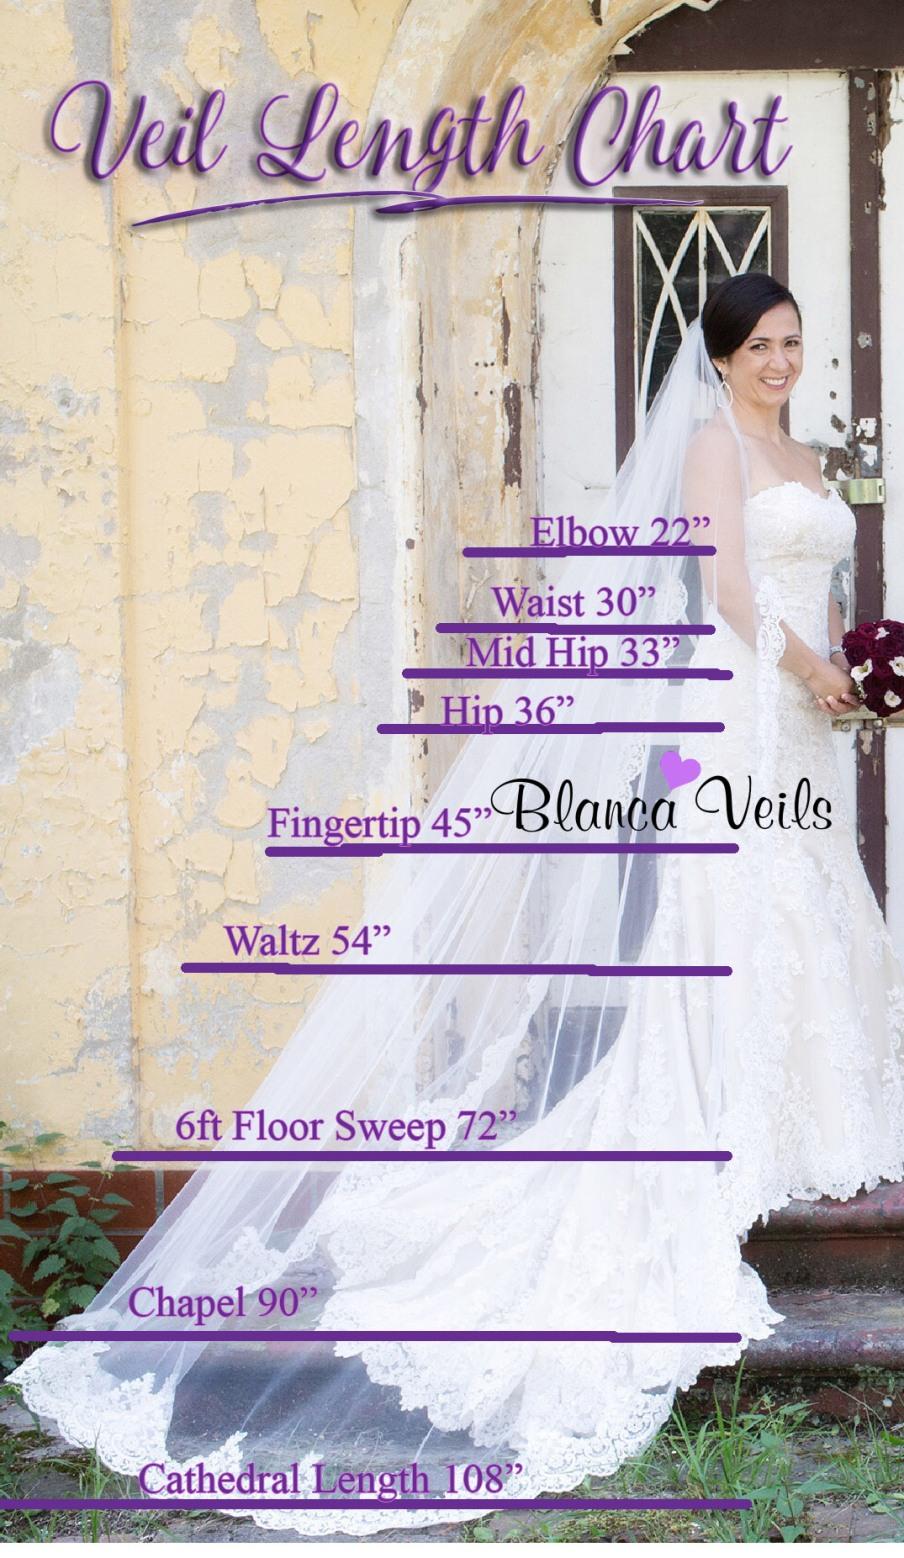 Veil Length Guide-BlancaVeils.com